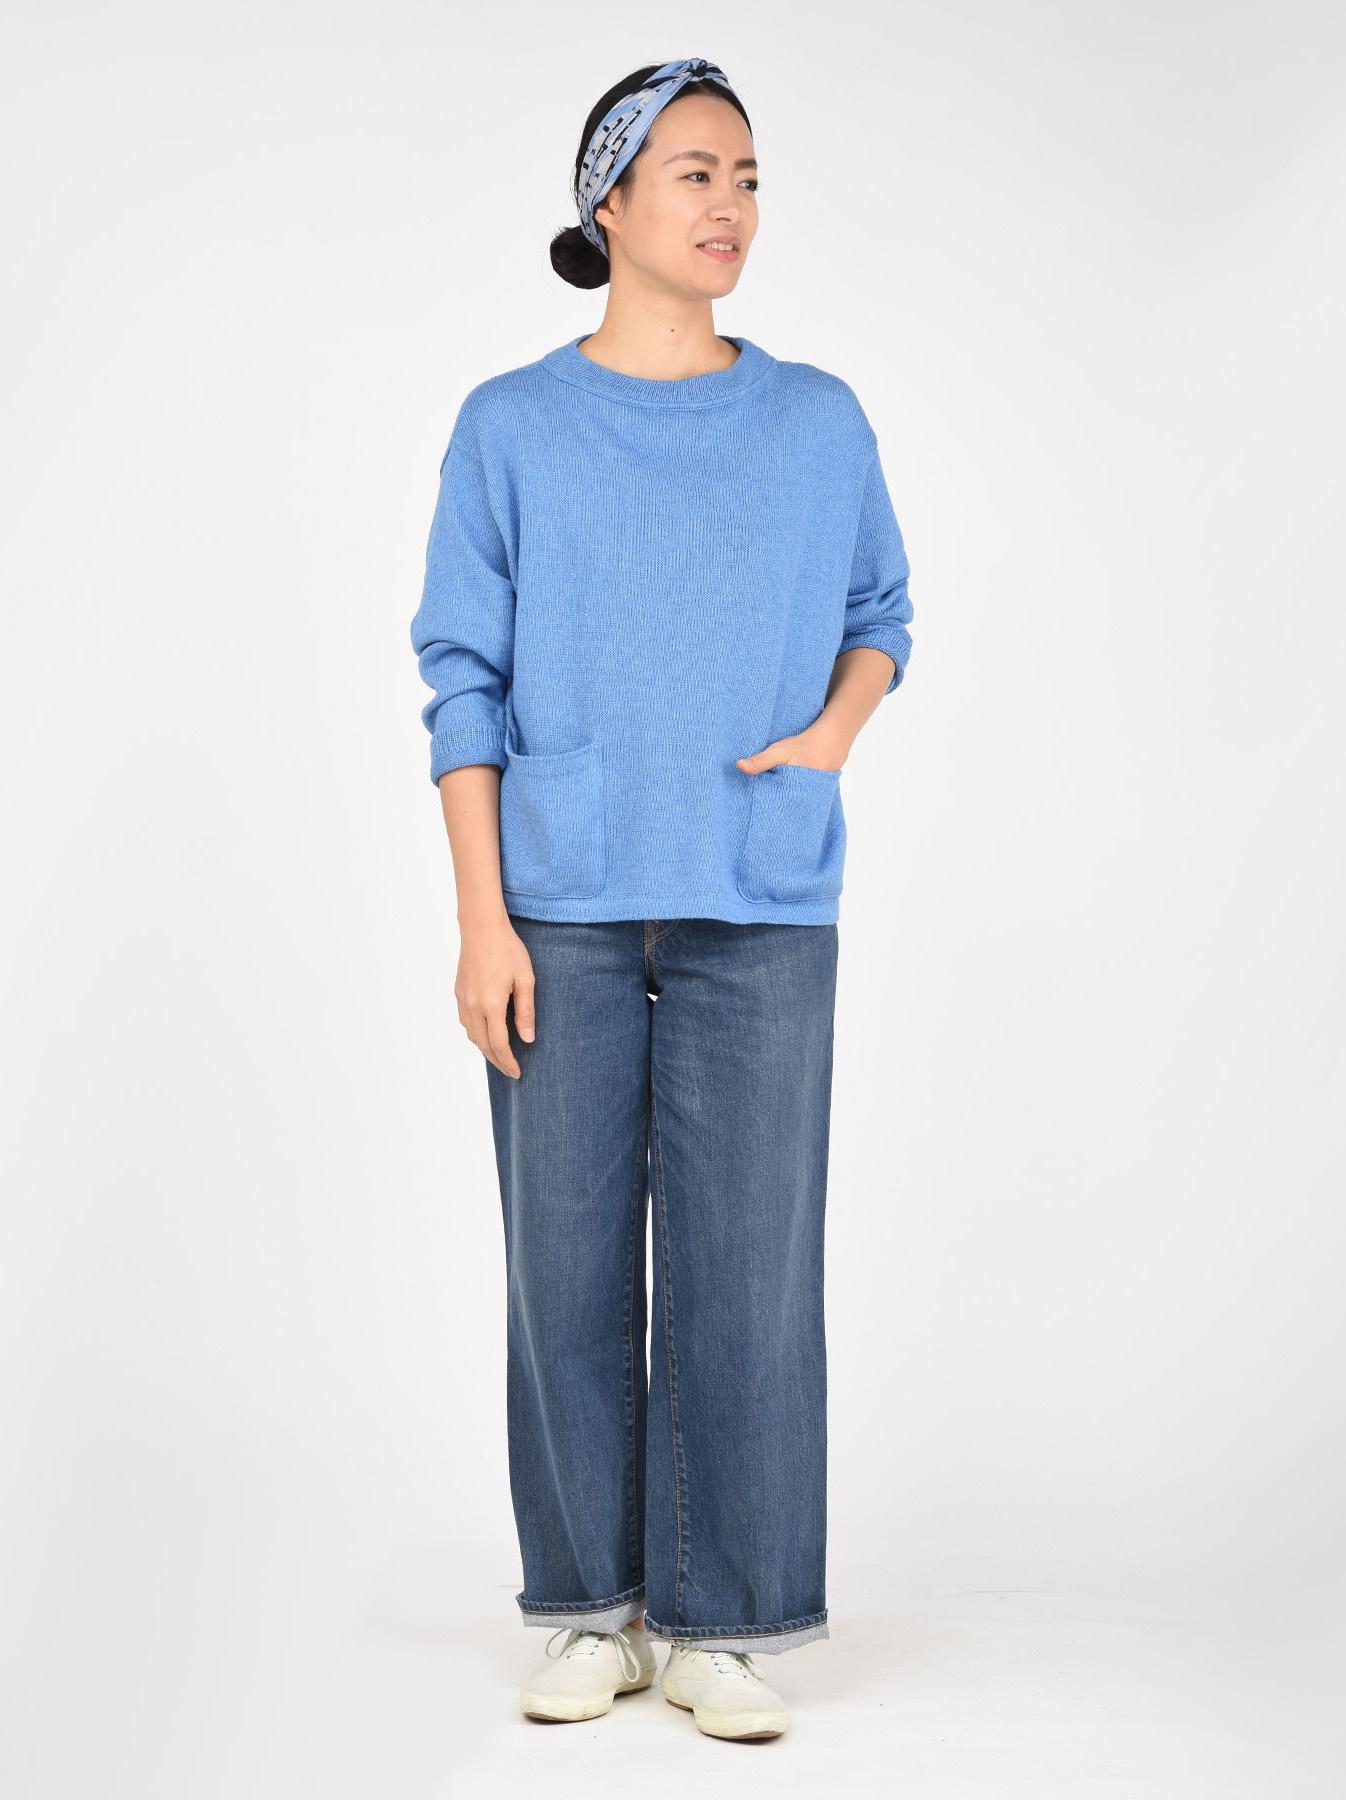 Zimbabwe Cotton Knit-sew 908 Uma Sweater-2